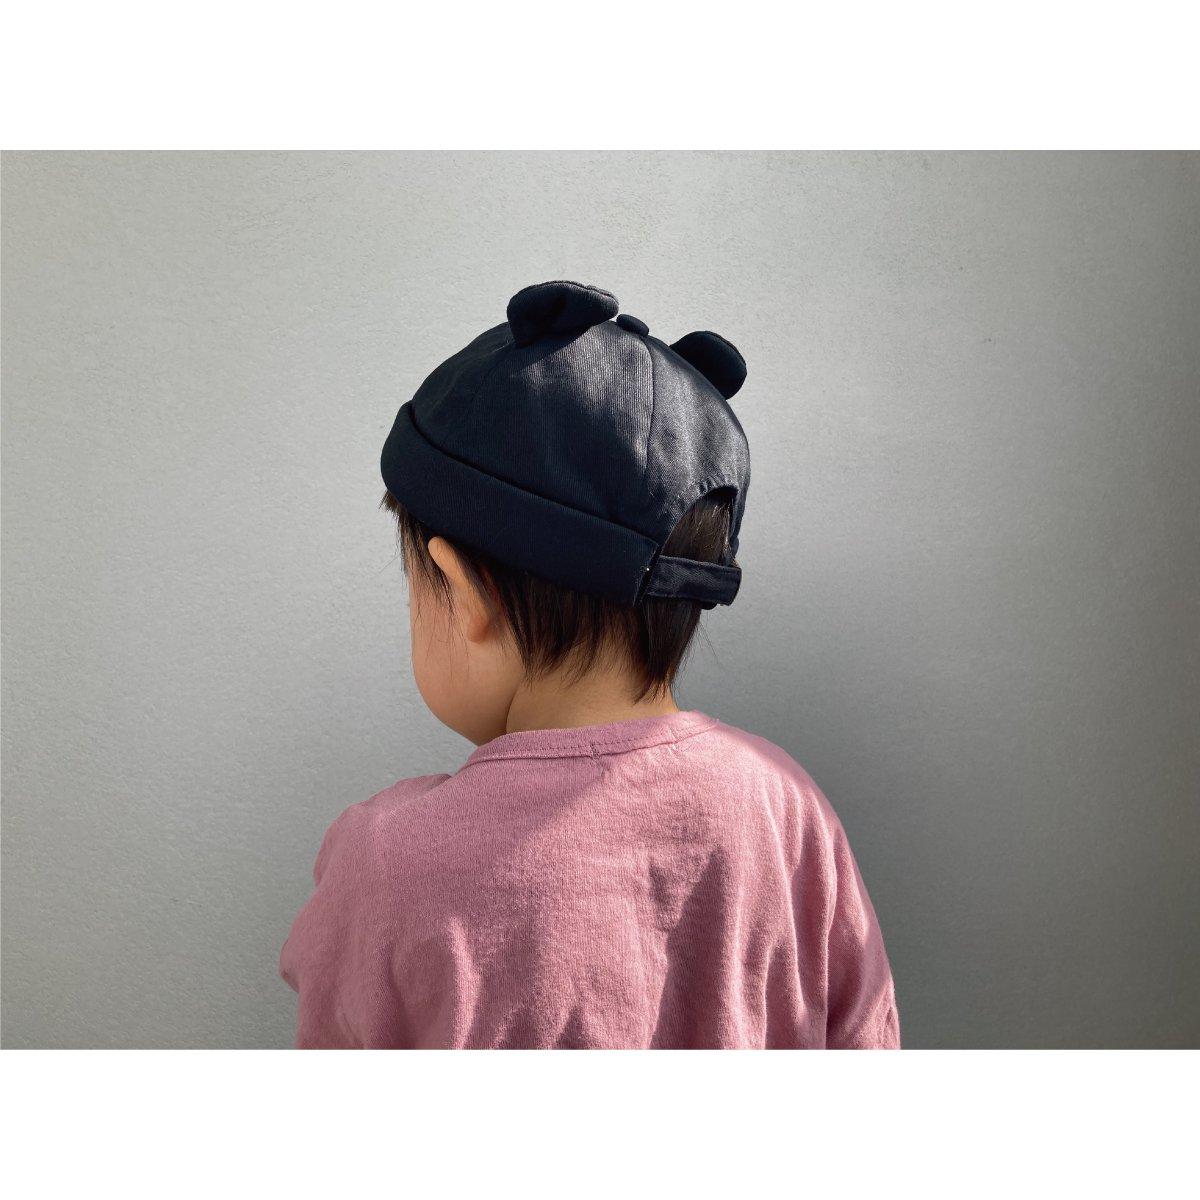 【KIDS】Bear Roll Cap 詳細画像18